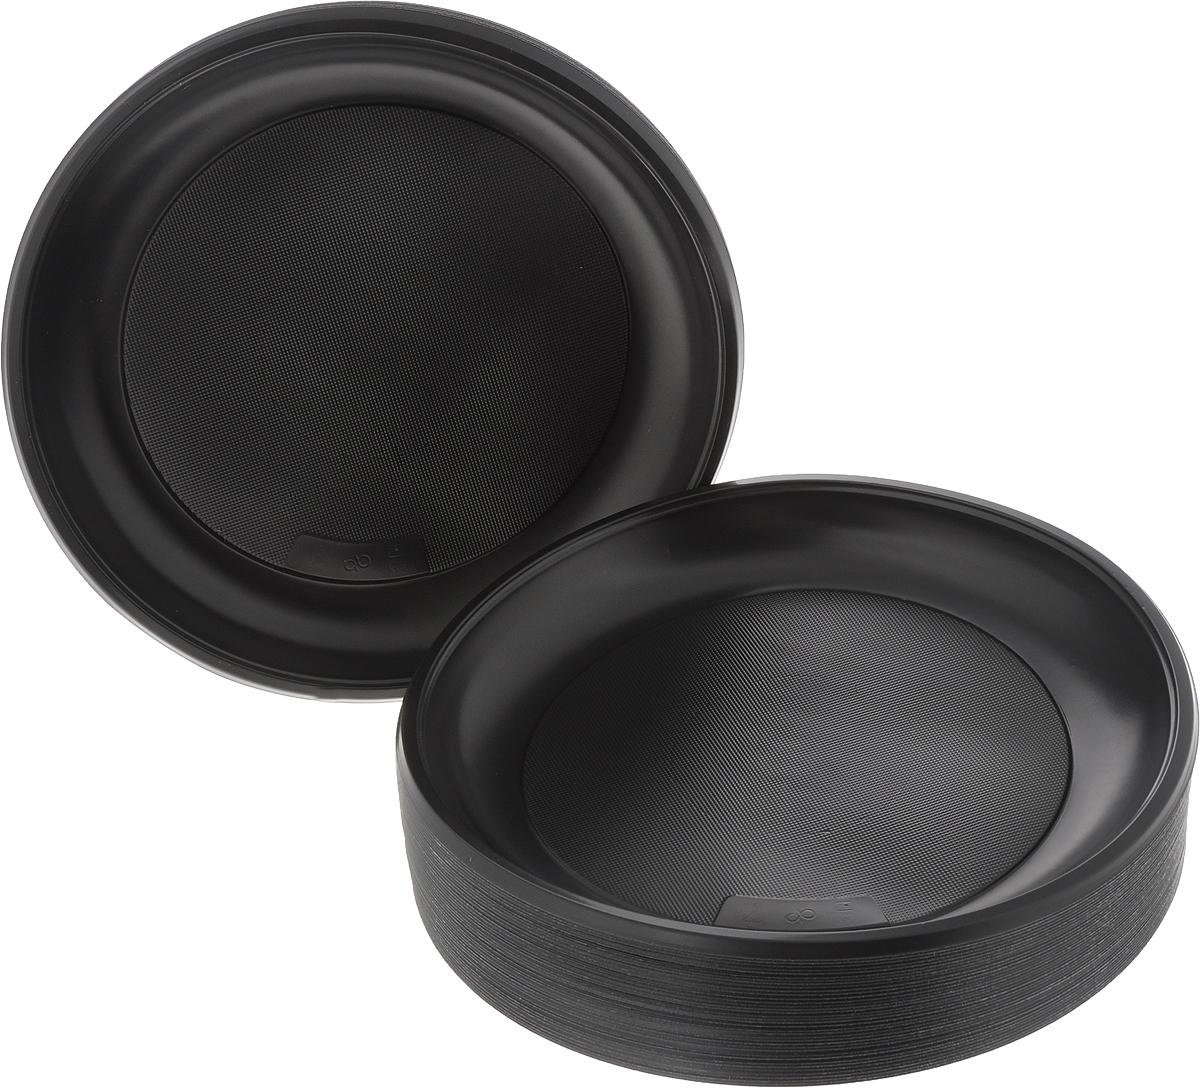 Набор одноразовых тарелок Интеко, диаметр 22 см, 50 штПОС29594Набор Интеко состоит из 50 бессекционных тарелок, выполненных из полипропилена. Набор предназначен для одноразового использования. Одноразовые тарелки незаменимы в поездках на природу и на пикниках. Они не займут много места, легкие и прочные, а самое главное - после использования их не надо мыть.